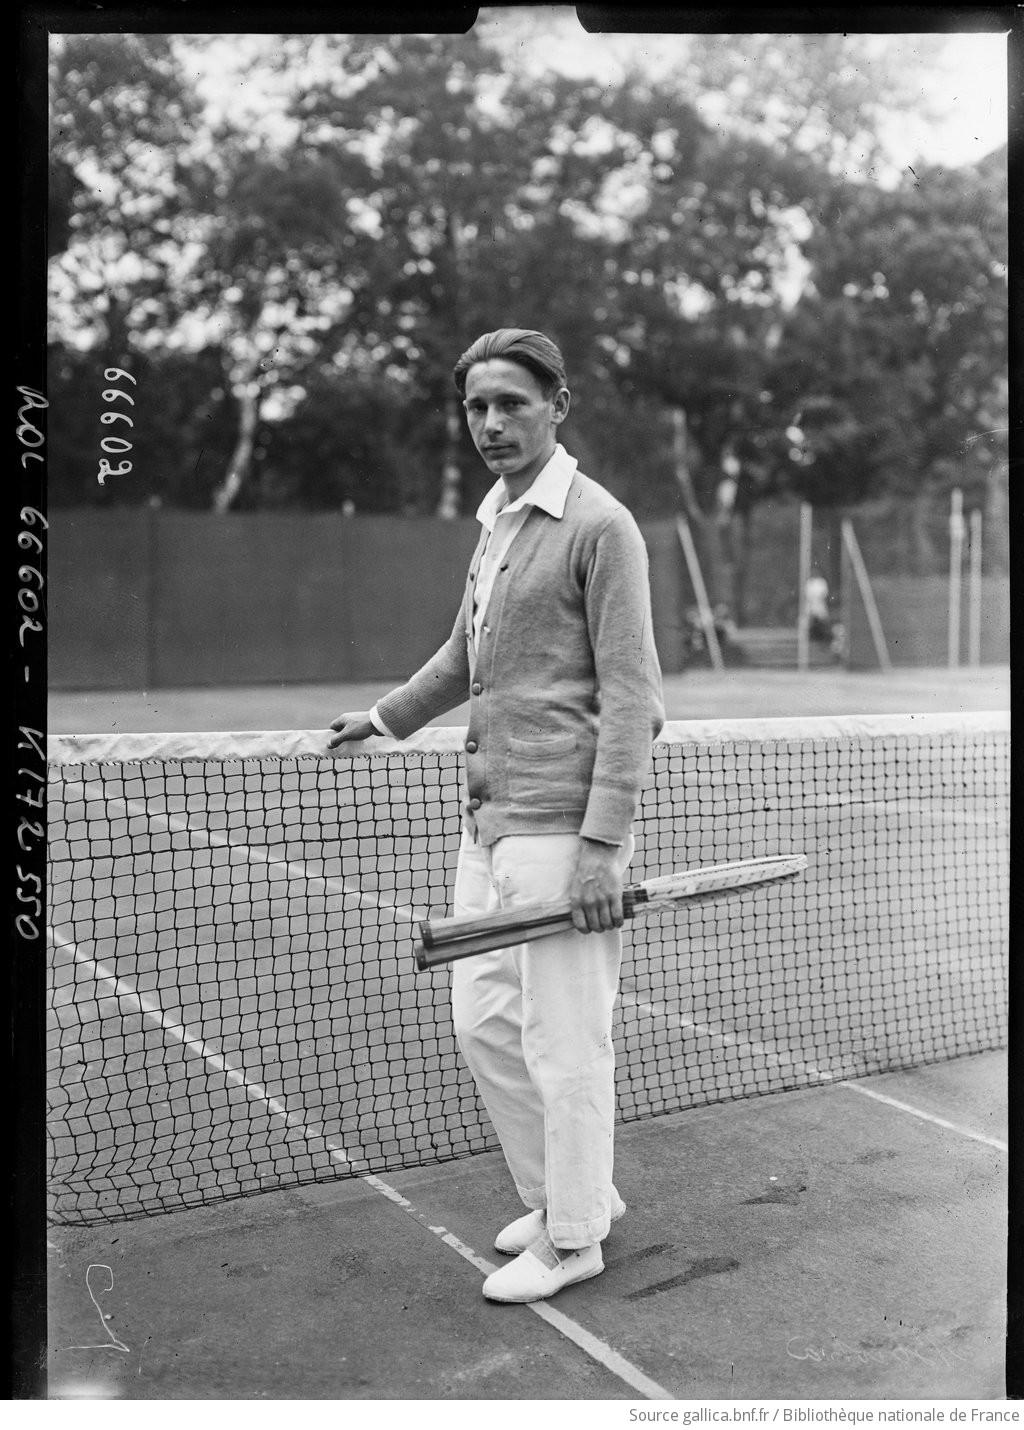 Jean] Borotra [joueur de tennis au championnat du monde au Parc